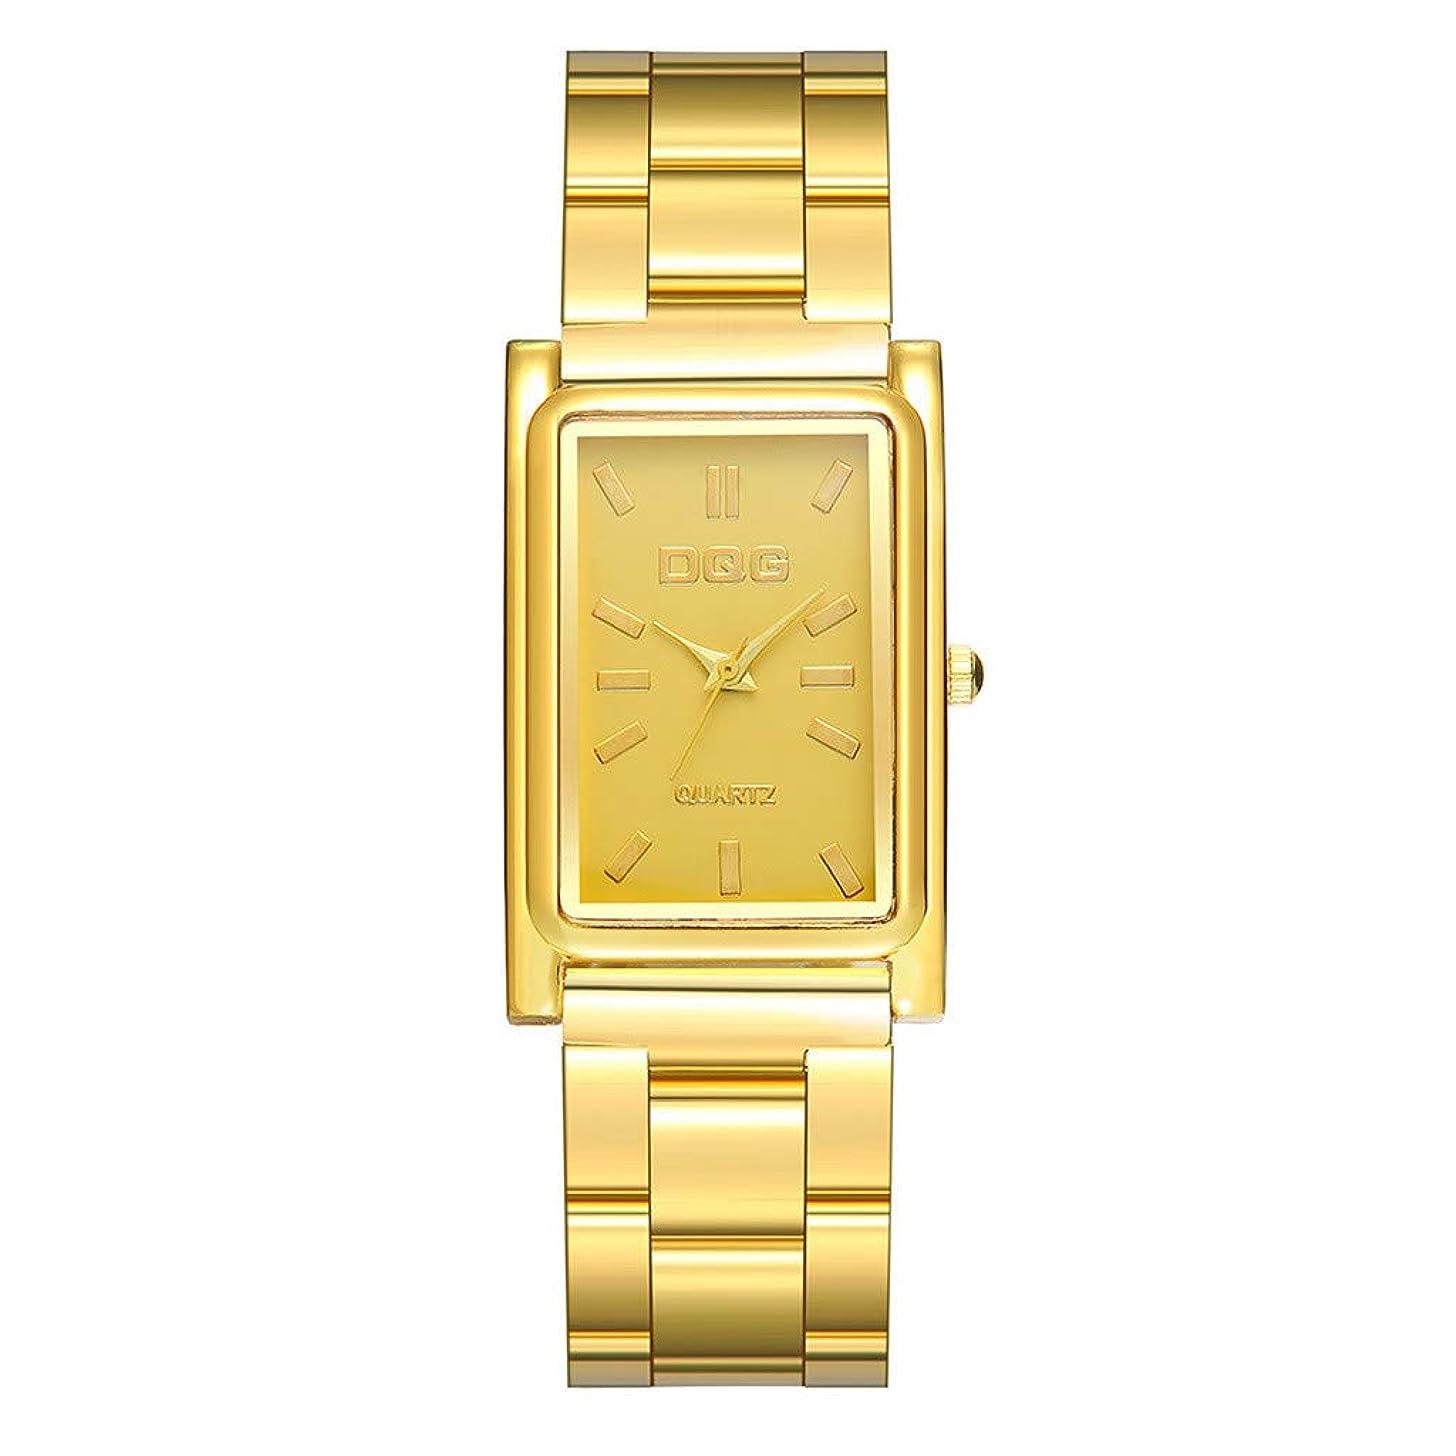 Wrist Watches for Women Under 5 ? Fashion Men Crystal Stainless Steel Analog Quartz Wrist Watch Bracelet